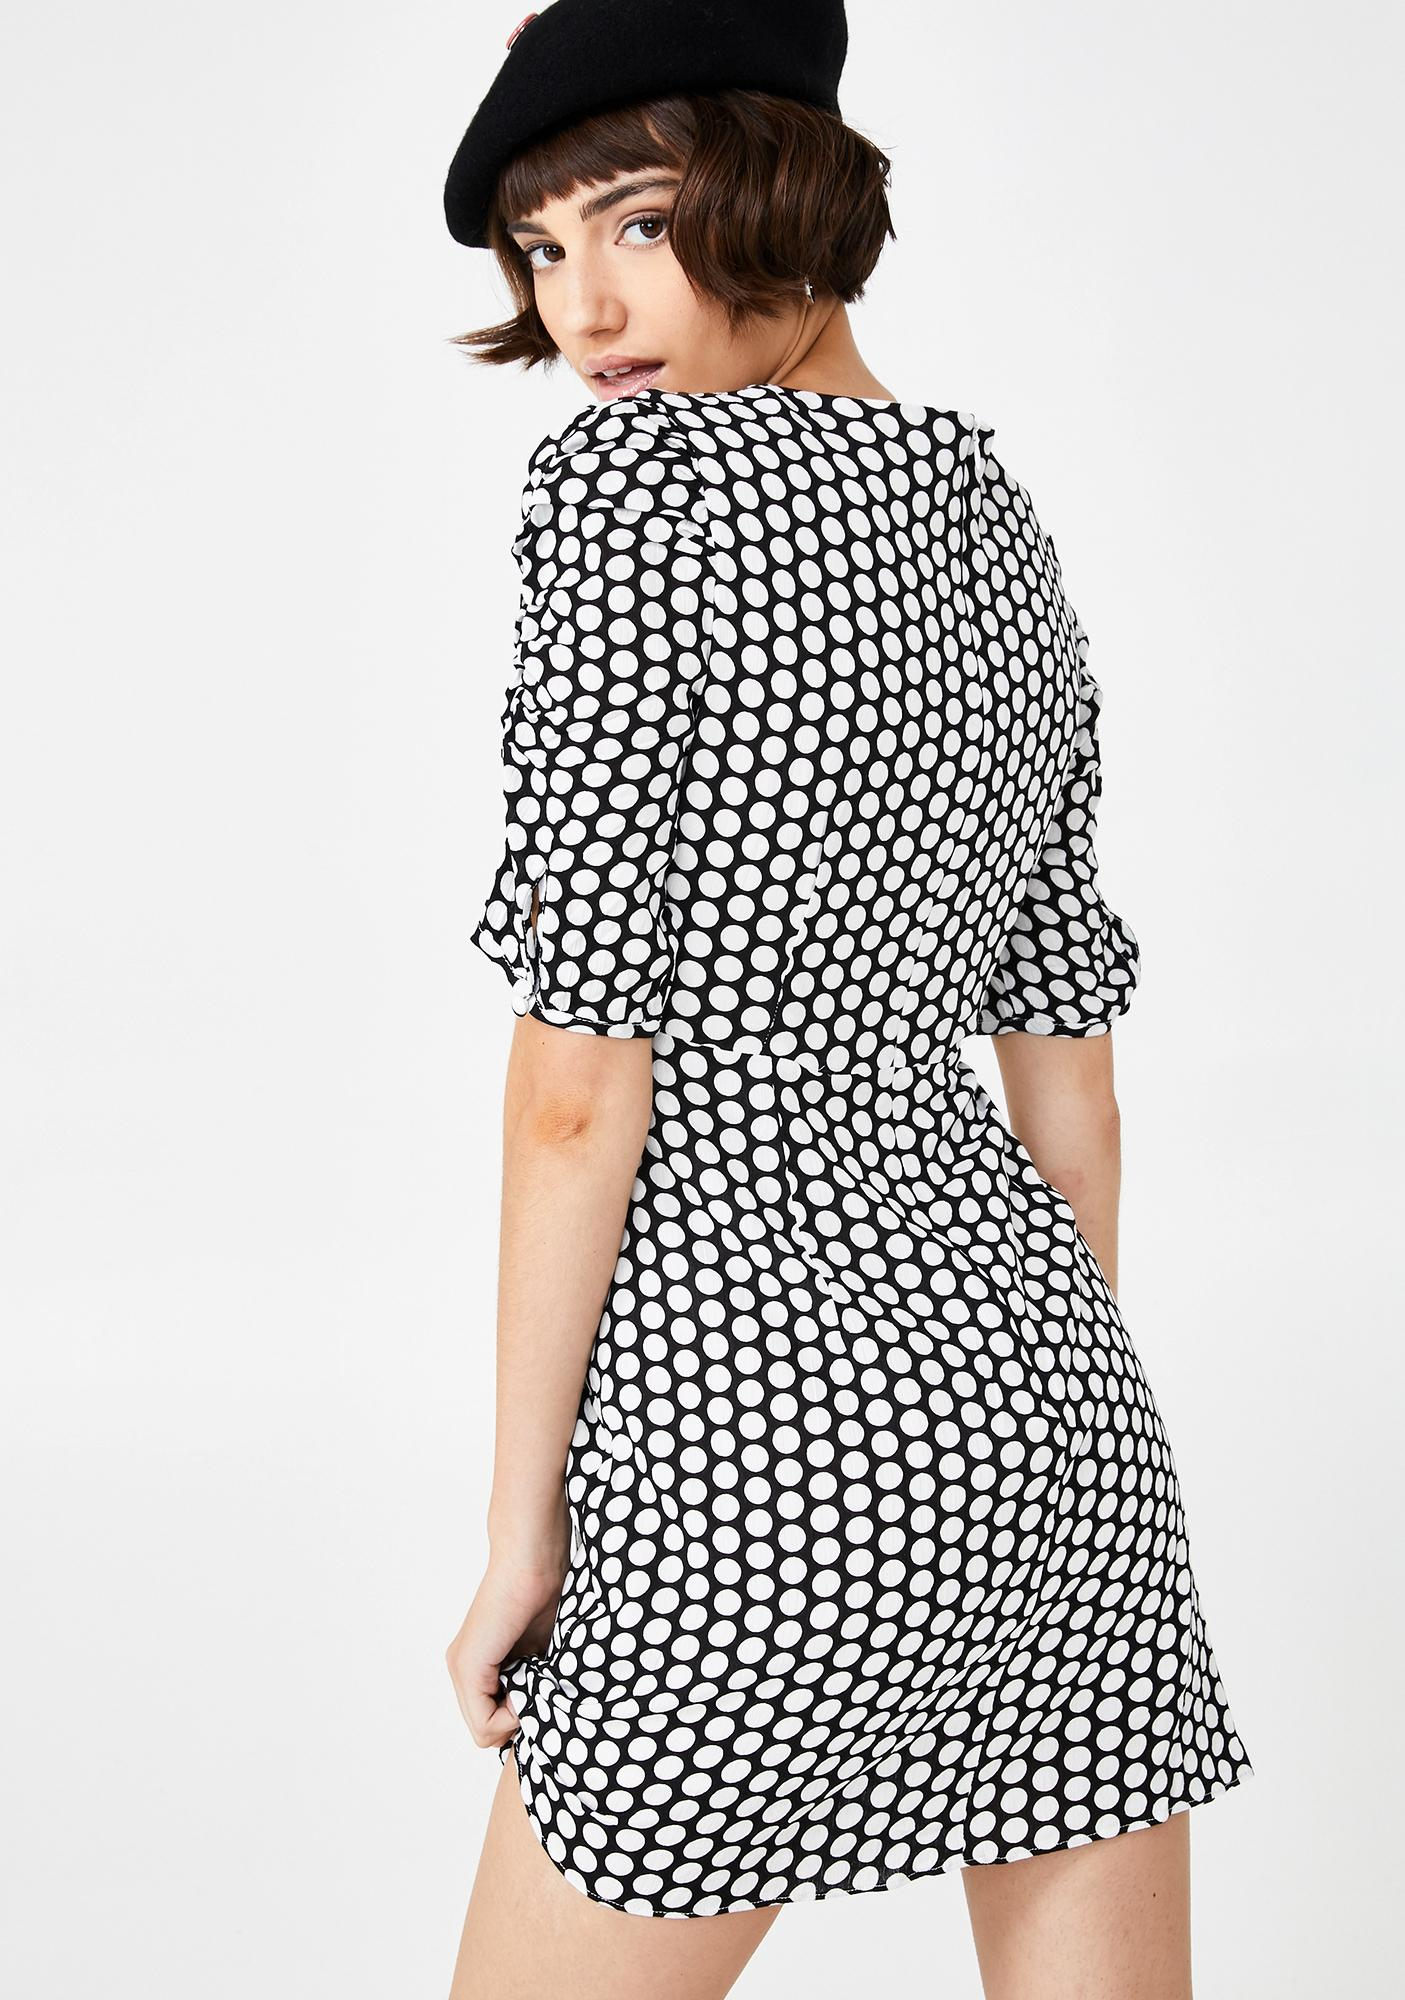 Glamorous Madame Luxe Polka Dot Dress